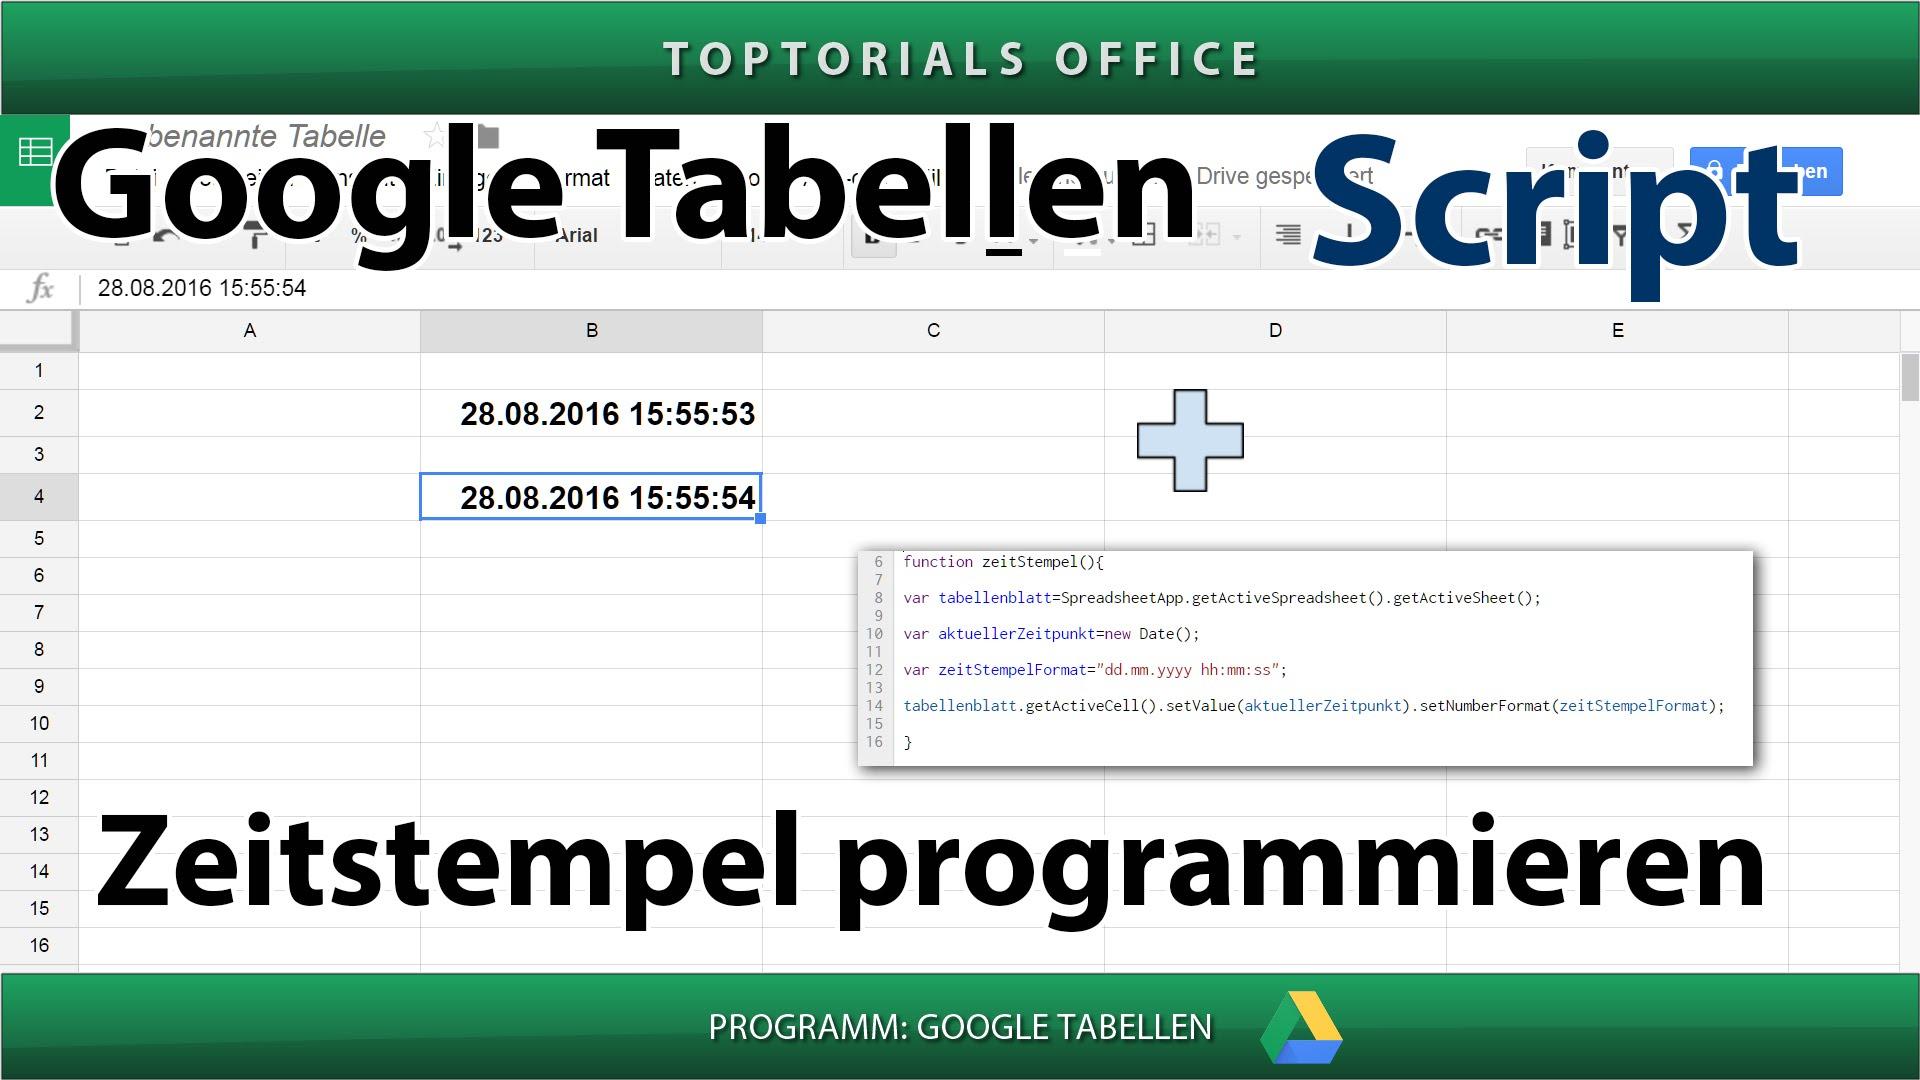 Zeitstempel programmieren in Google Tabellen